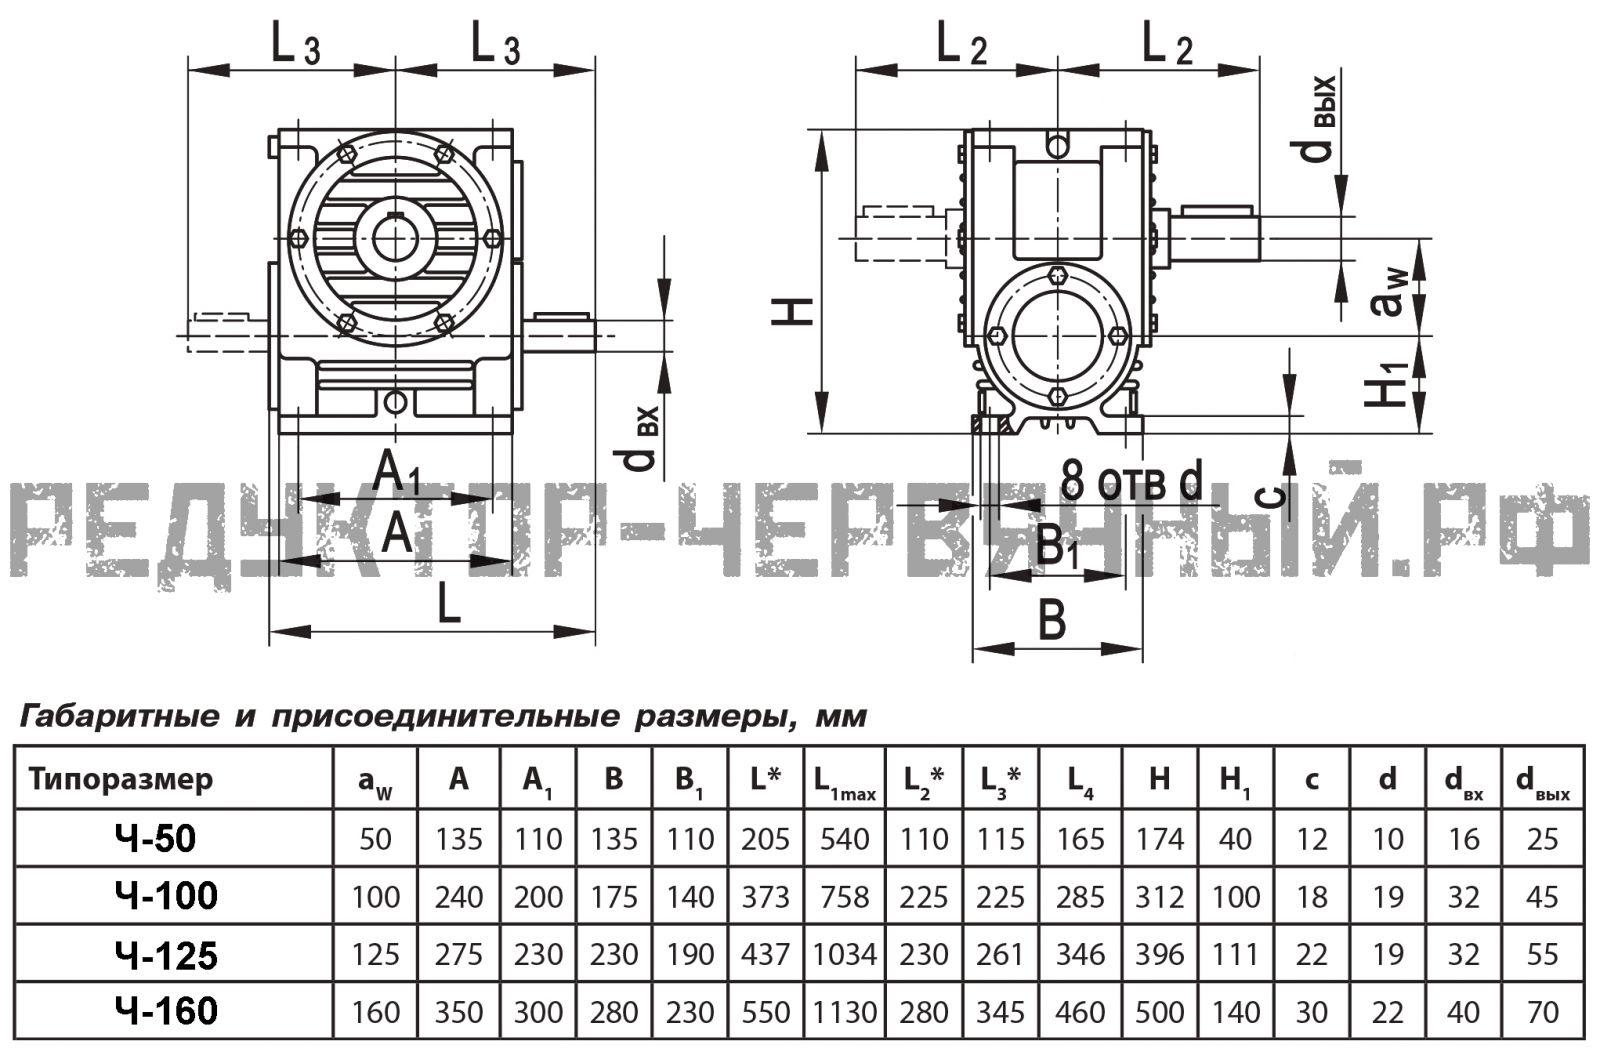 Чертеж редукторов Ч-50, Ч-100, Ч-125, Ч-160